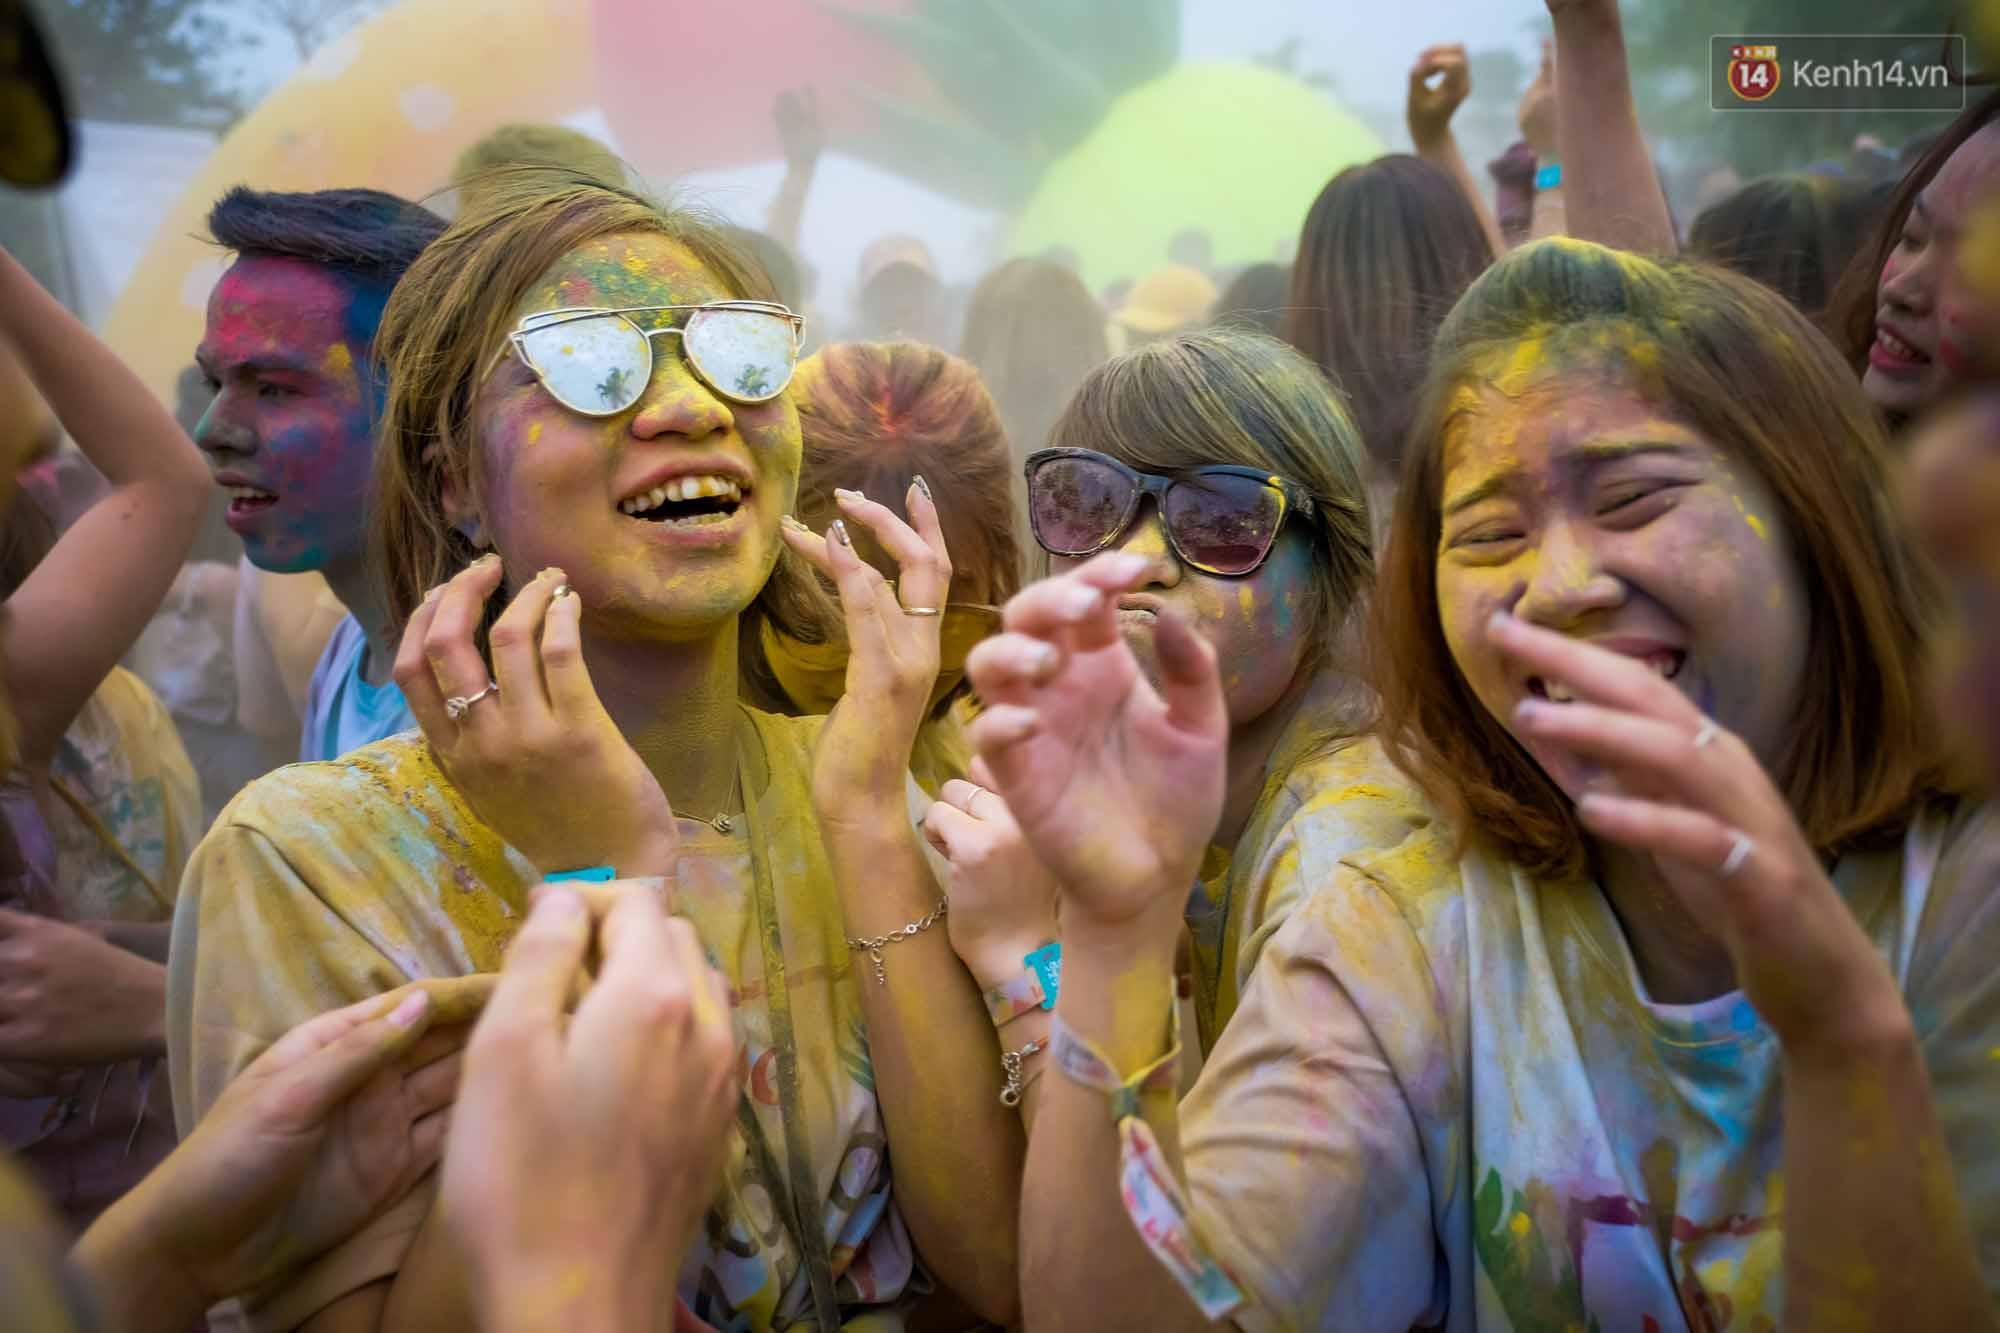 Những khoảnh khắc chứng minh đi Color Me Run lúc nào cũng vui và được quẩy hết mình! - Ảnh 23.